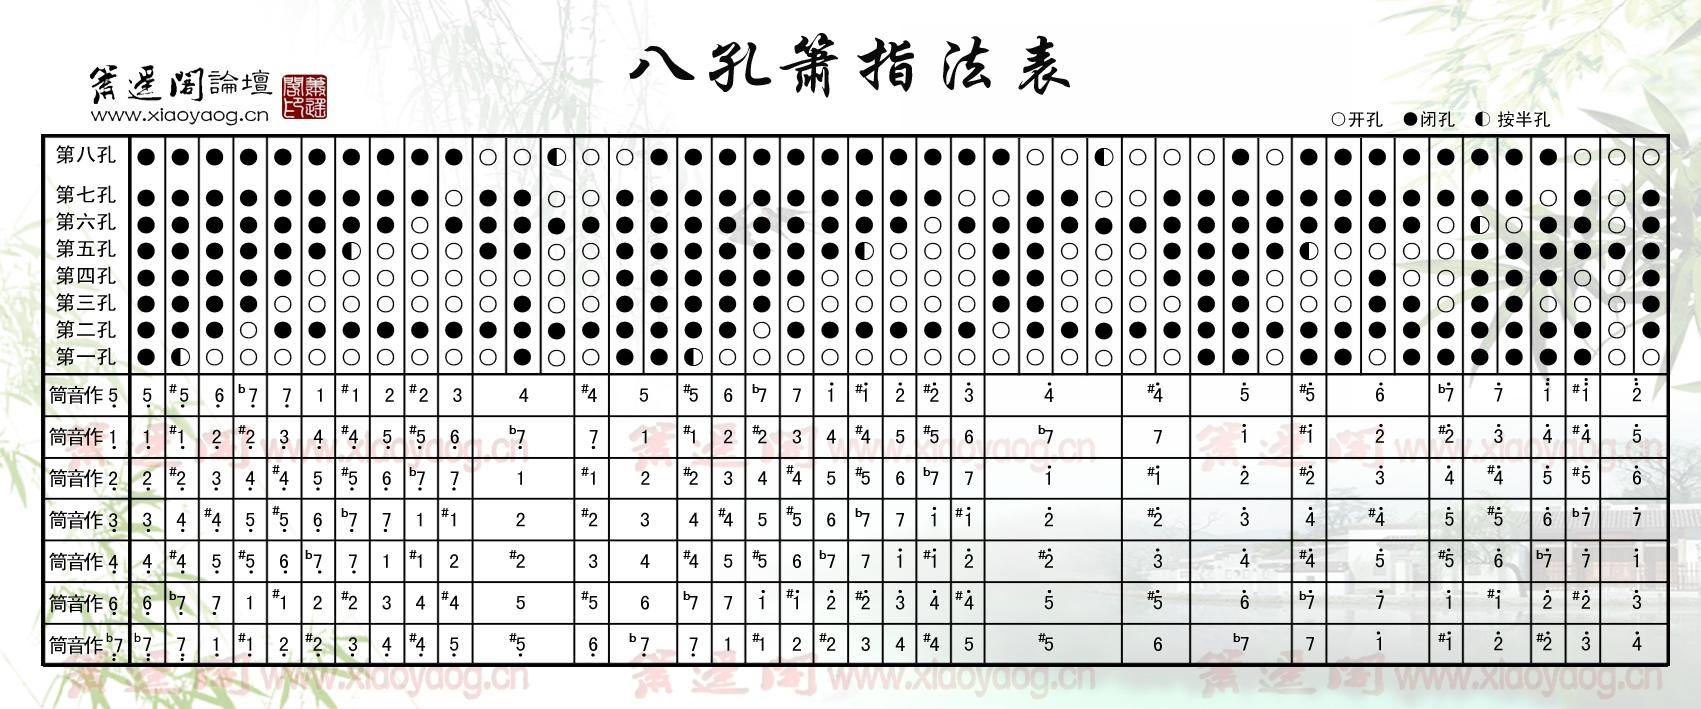 51vv社区下载_涩彩...艺影空间-文章-箫遥阁八孔箫指法表